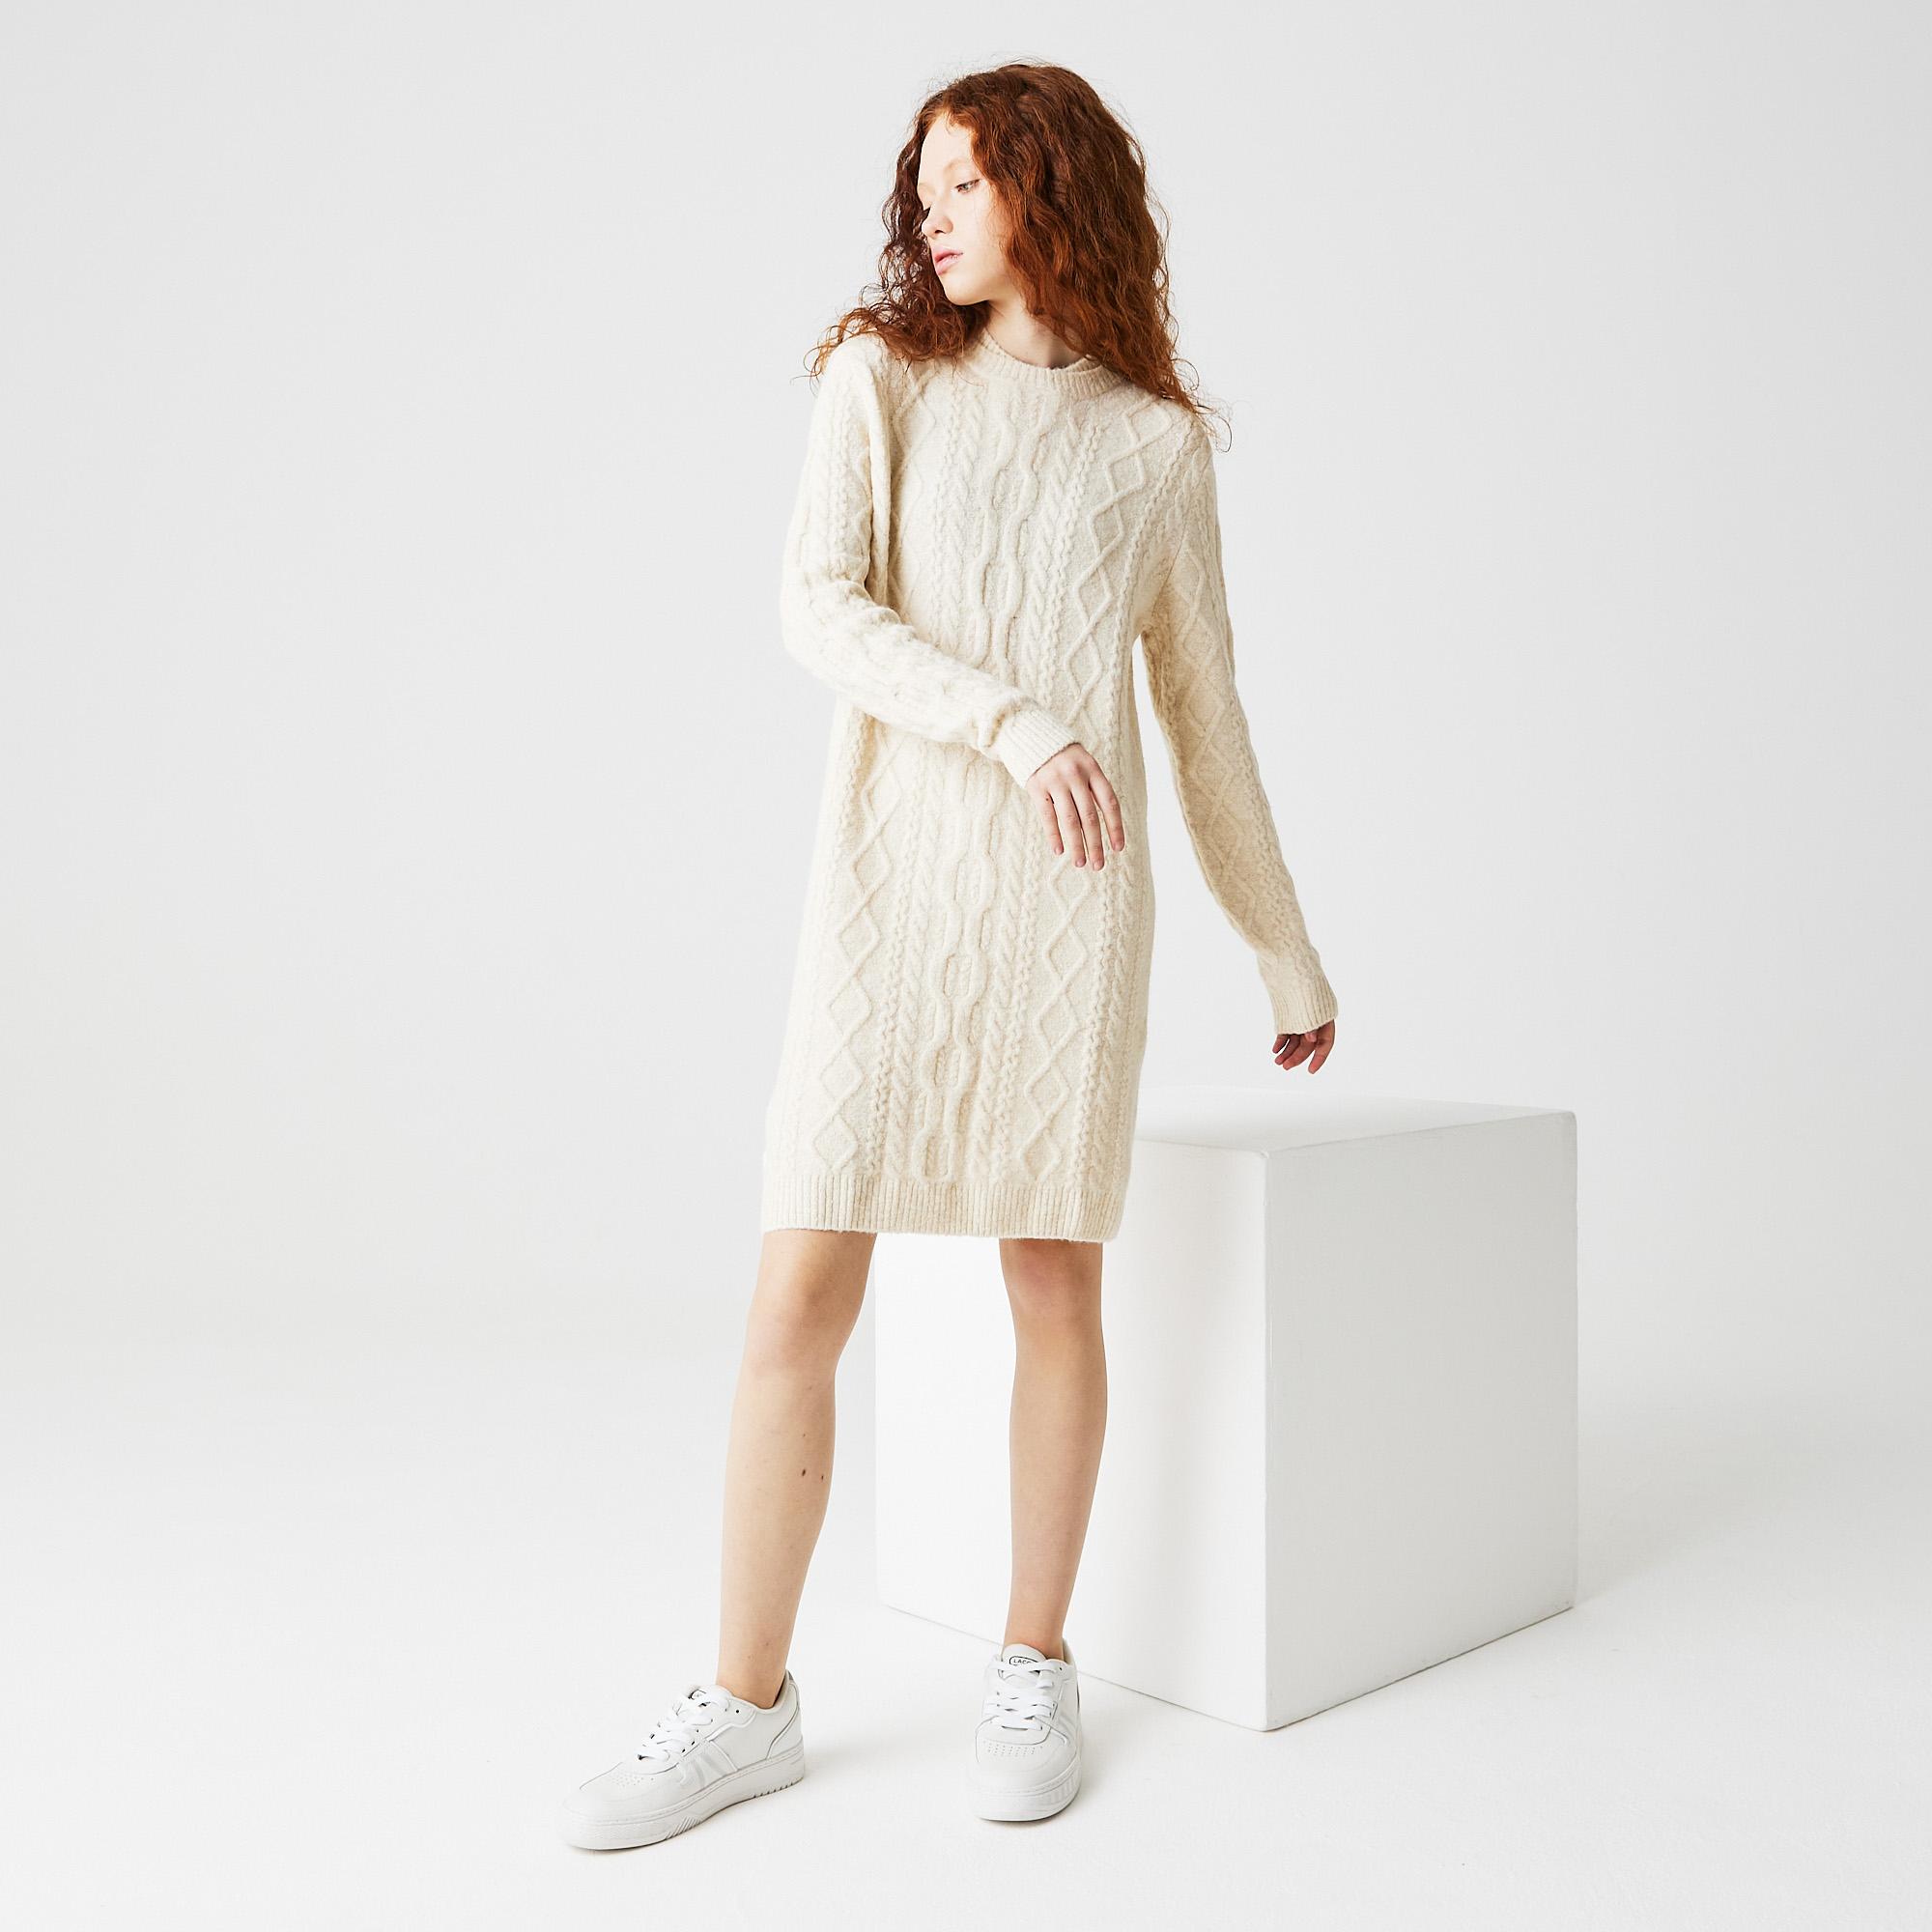 Фото 3 - Женское платье Lacoste белого цвета